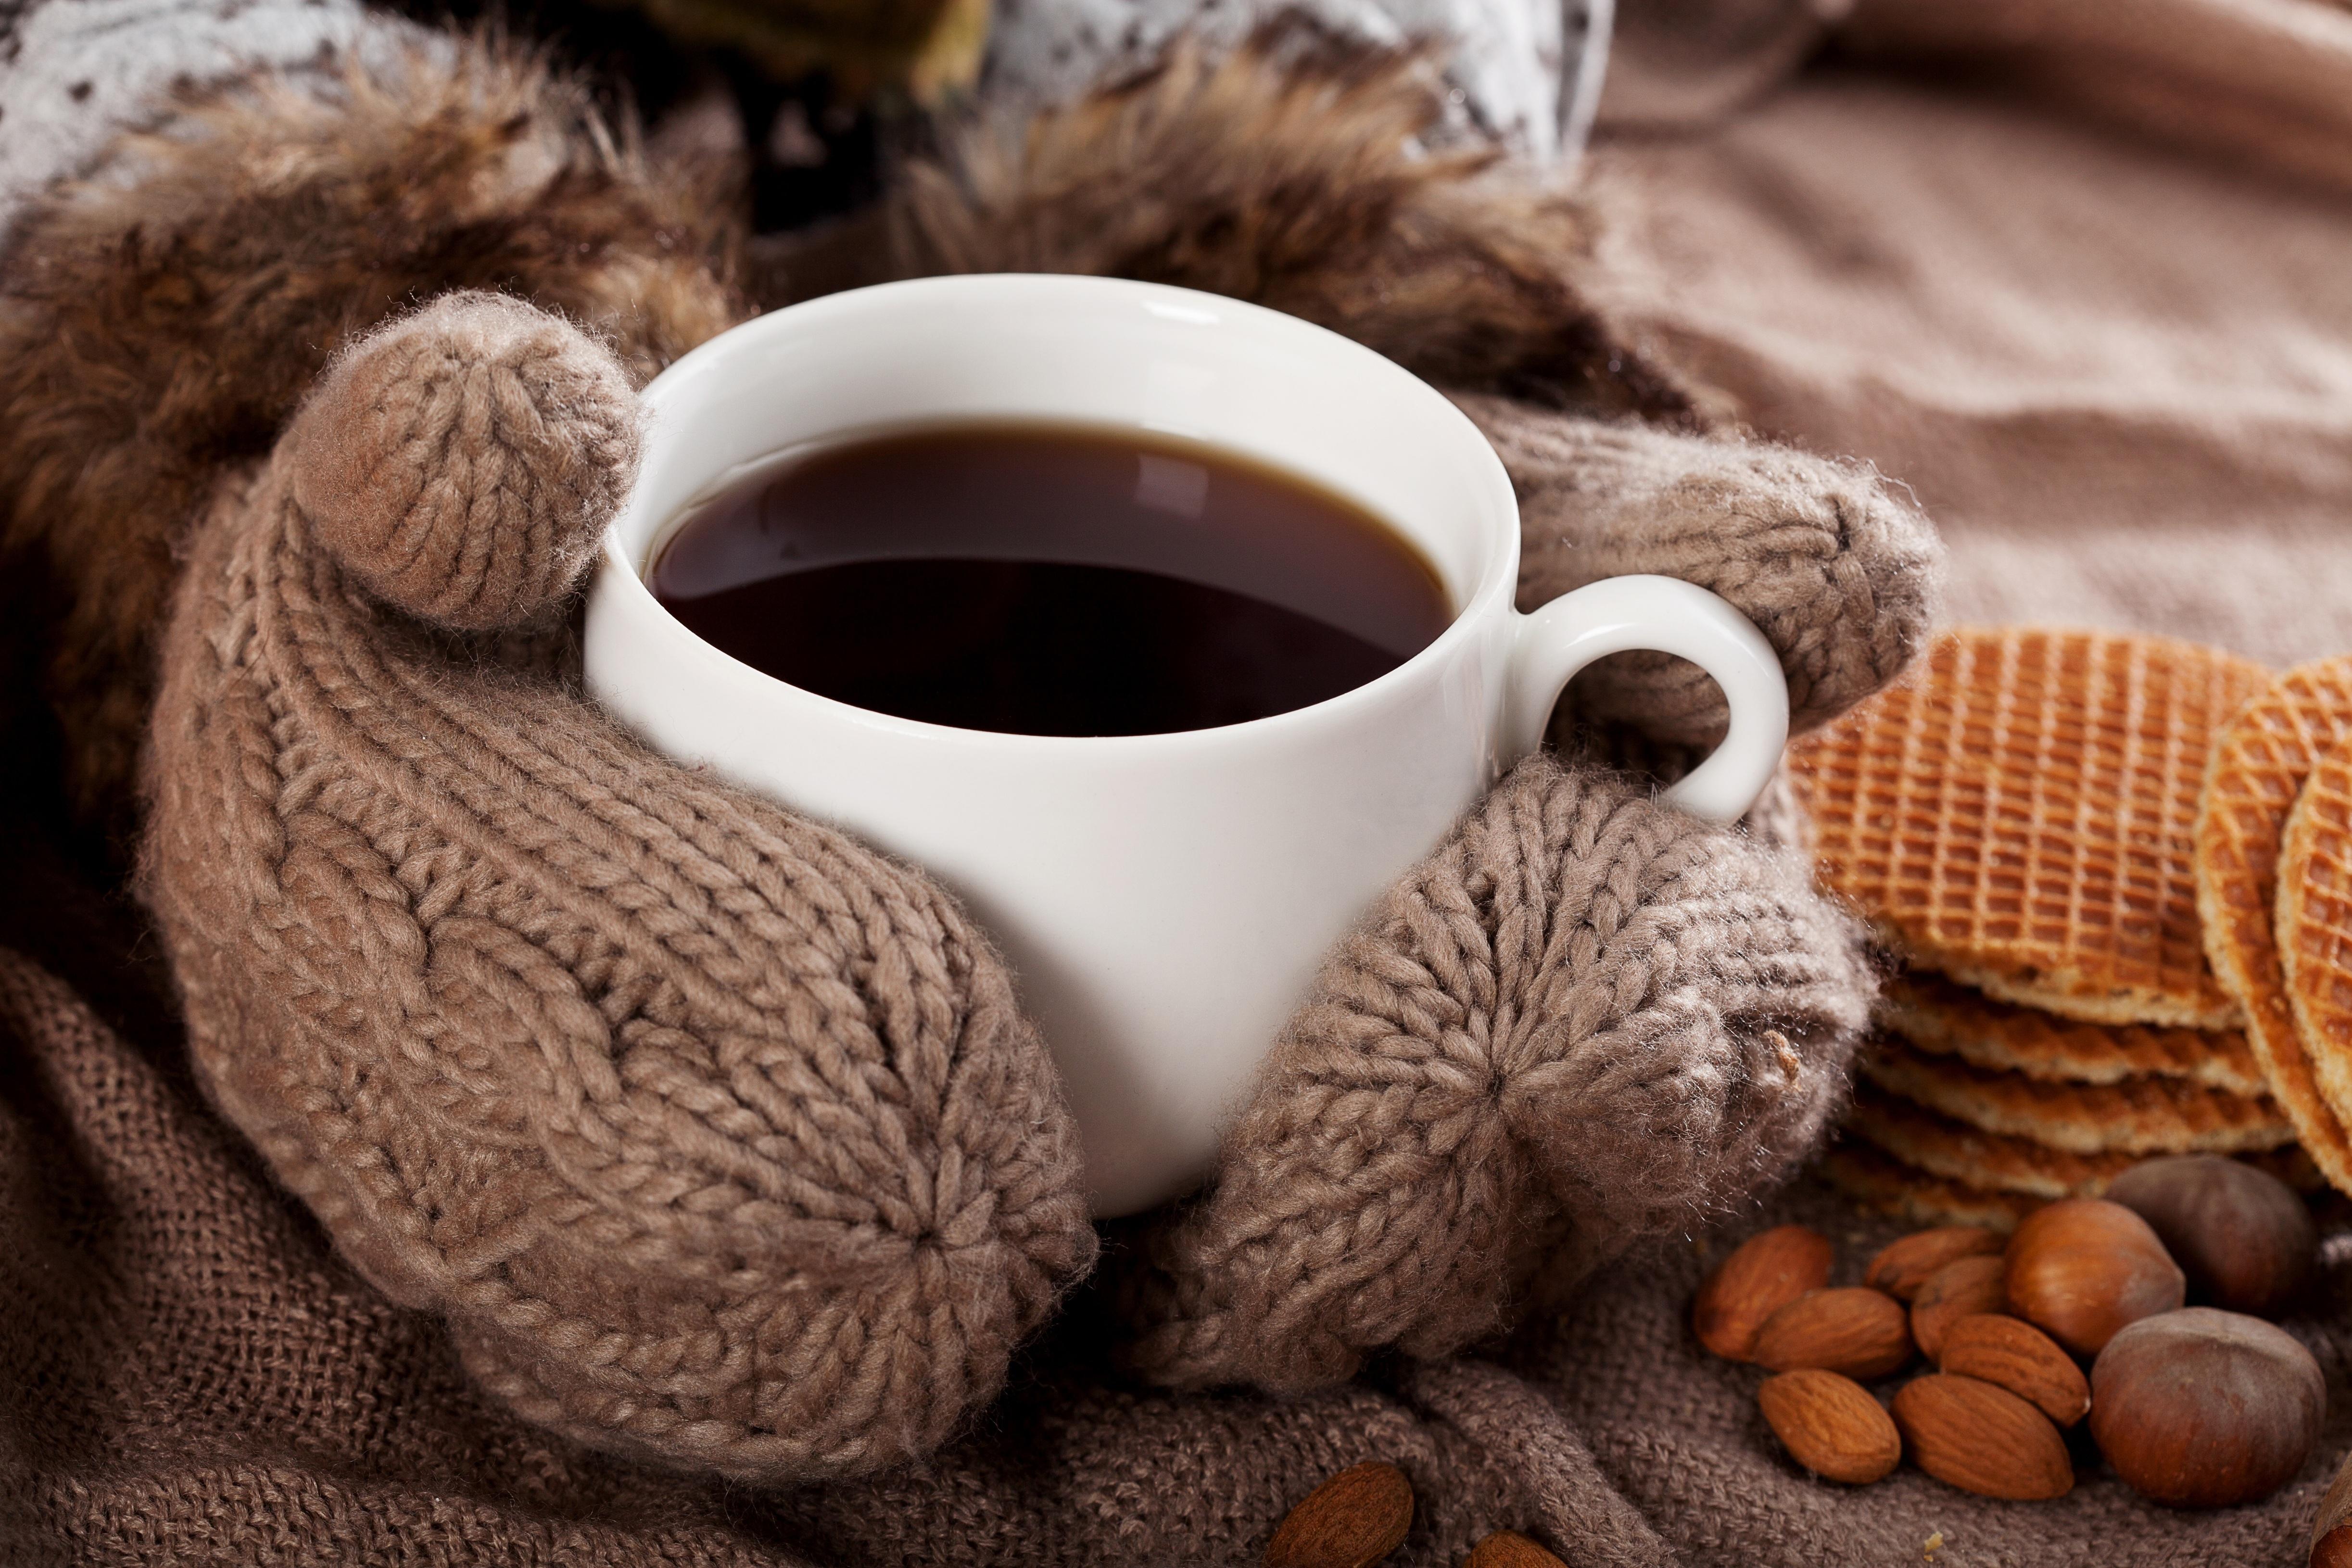 гифка с кофе и пледом случайно